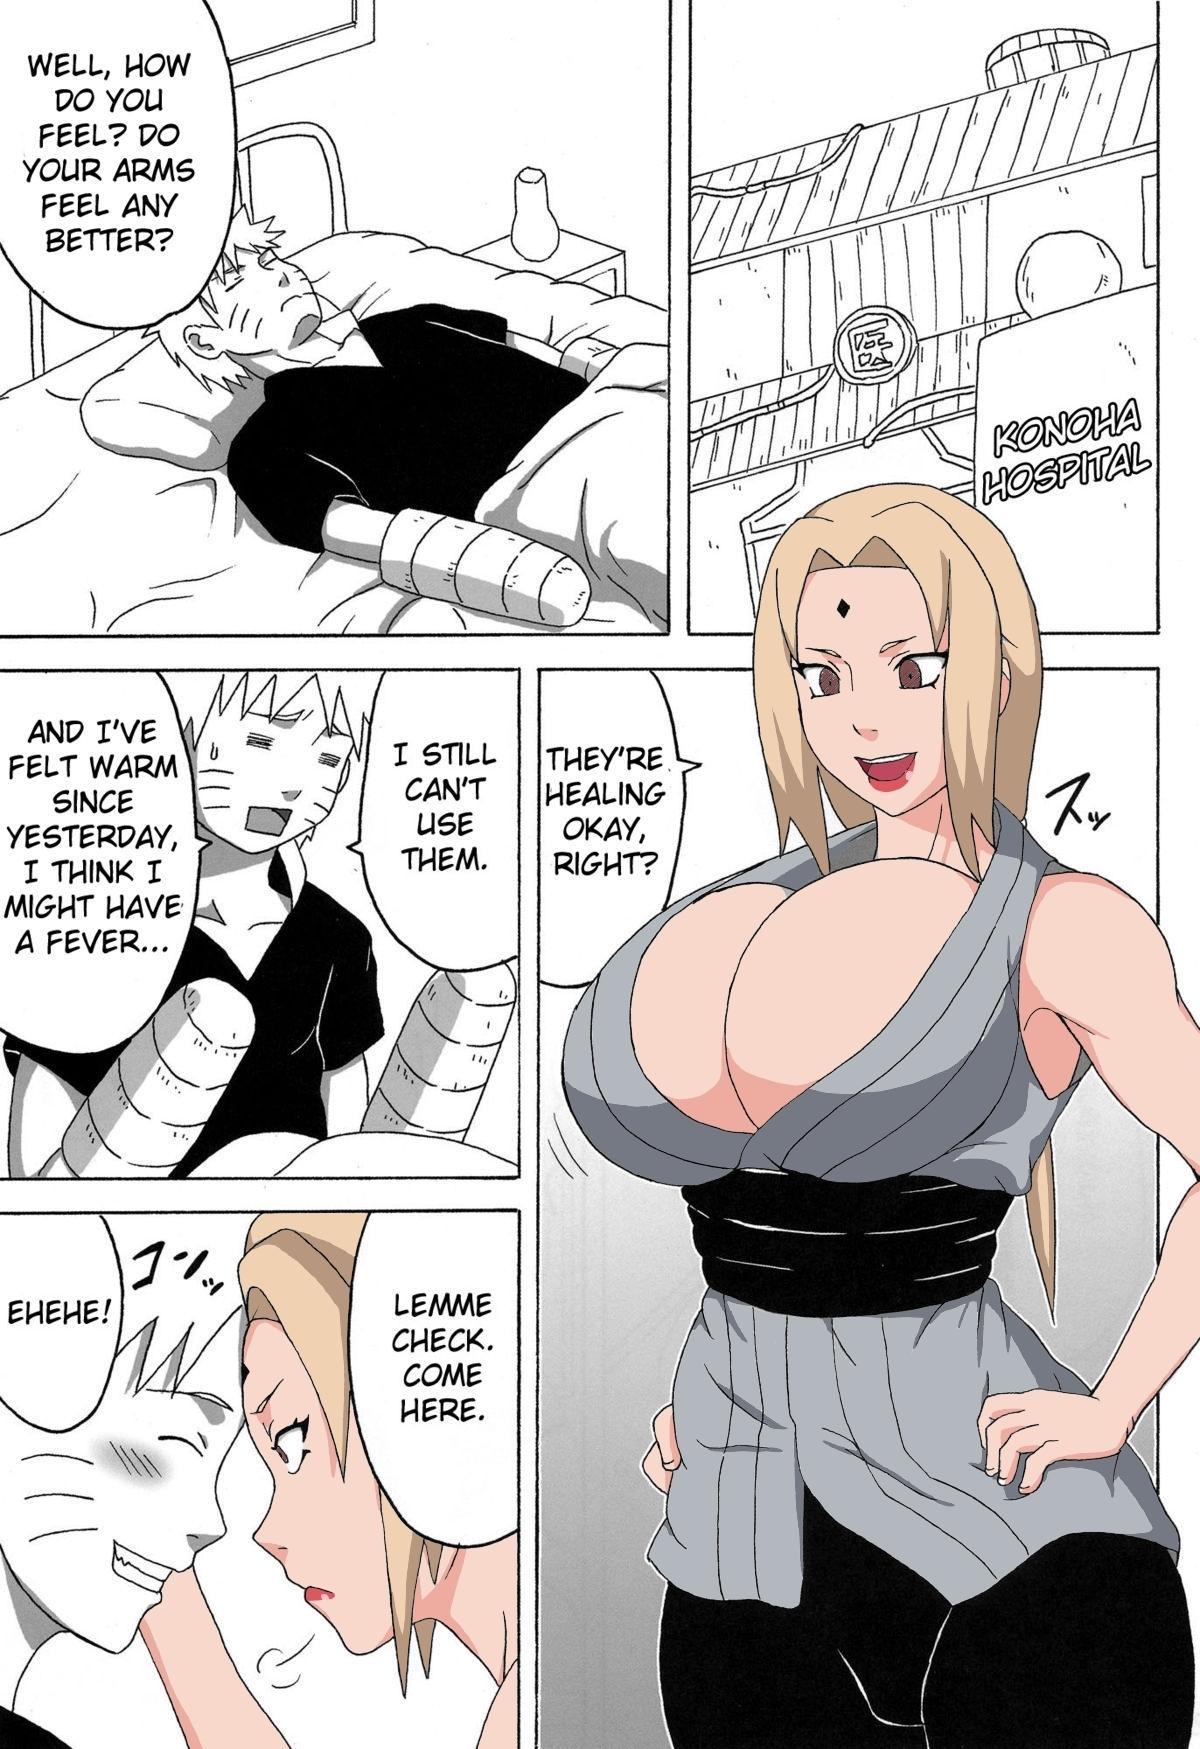 (C83) [Naruho-dou (Naruhodo)] Konoha no Sei Shorigakari   Konoha's Sexual Healing Ward (Naruto) [English] (corlored only girls) -in progress..... 1